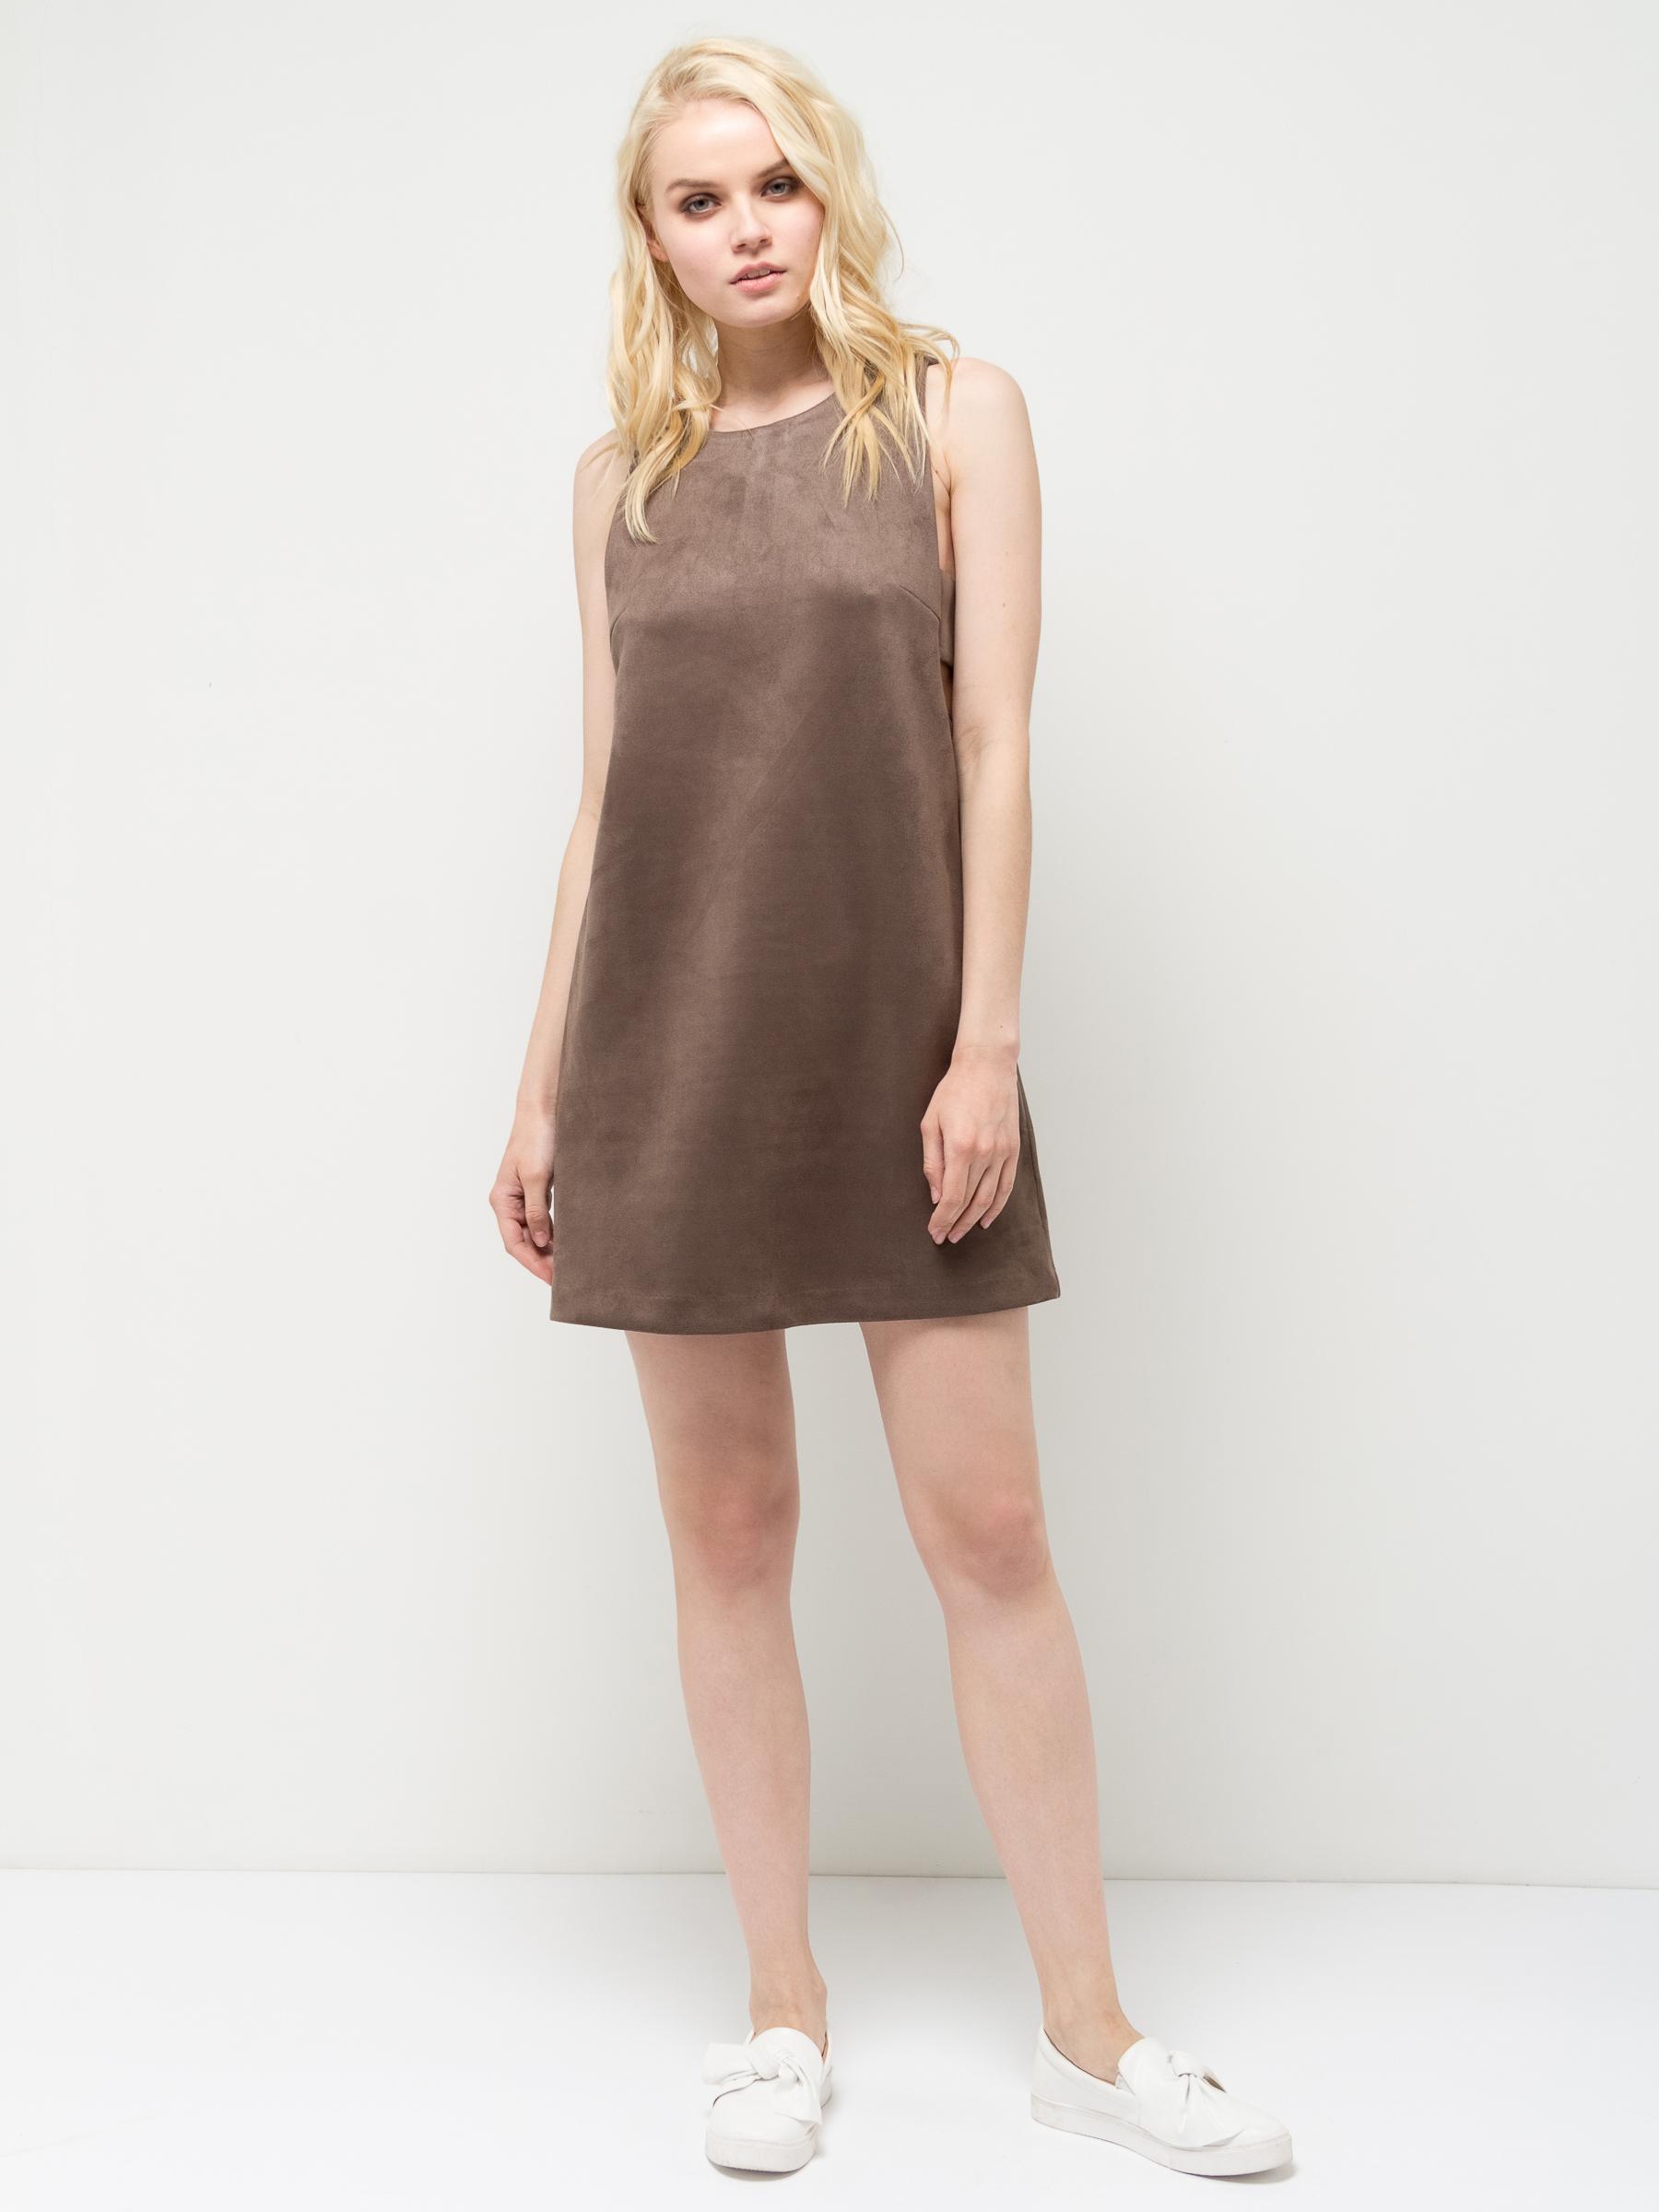 Платье Sela, цвет: серо-коричневый. Dksl-317/1147-7112. Размер S (44)Dksl-317/1147-7112Оригинальное женское платье-сарафан Sela выполнено из качественного трикотажа. Модель А-силуэта с круглым вырезом горловины застегивается на короткую металлическую молнию на спинке. Глубокие проймы дополнены широкими текстильными полосками. Платье мини-длины можно комбинировать с блузами и рубашками, благодаря чему оно подойдет не только для прогулок и дружеских встреч, но и для офиса. Мягкая ткань на основе полиэстера и эластана комфортна и приятна на ощупь.